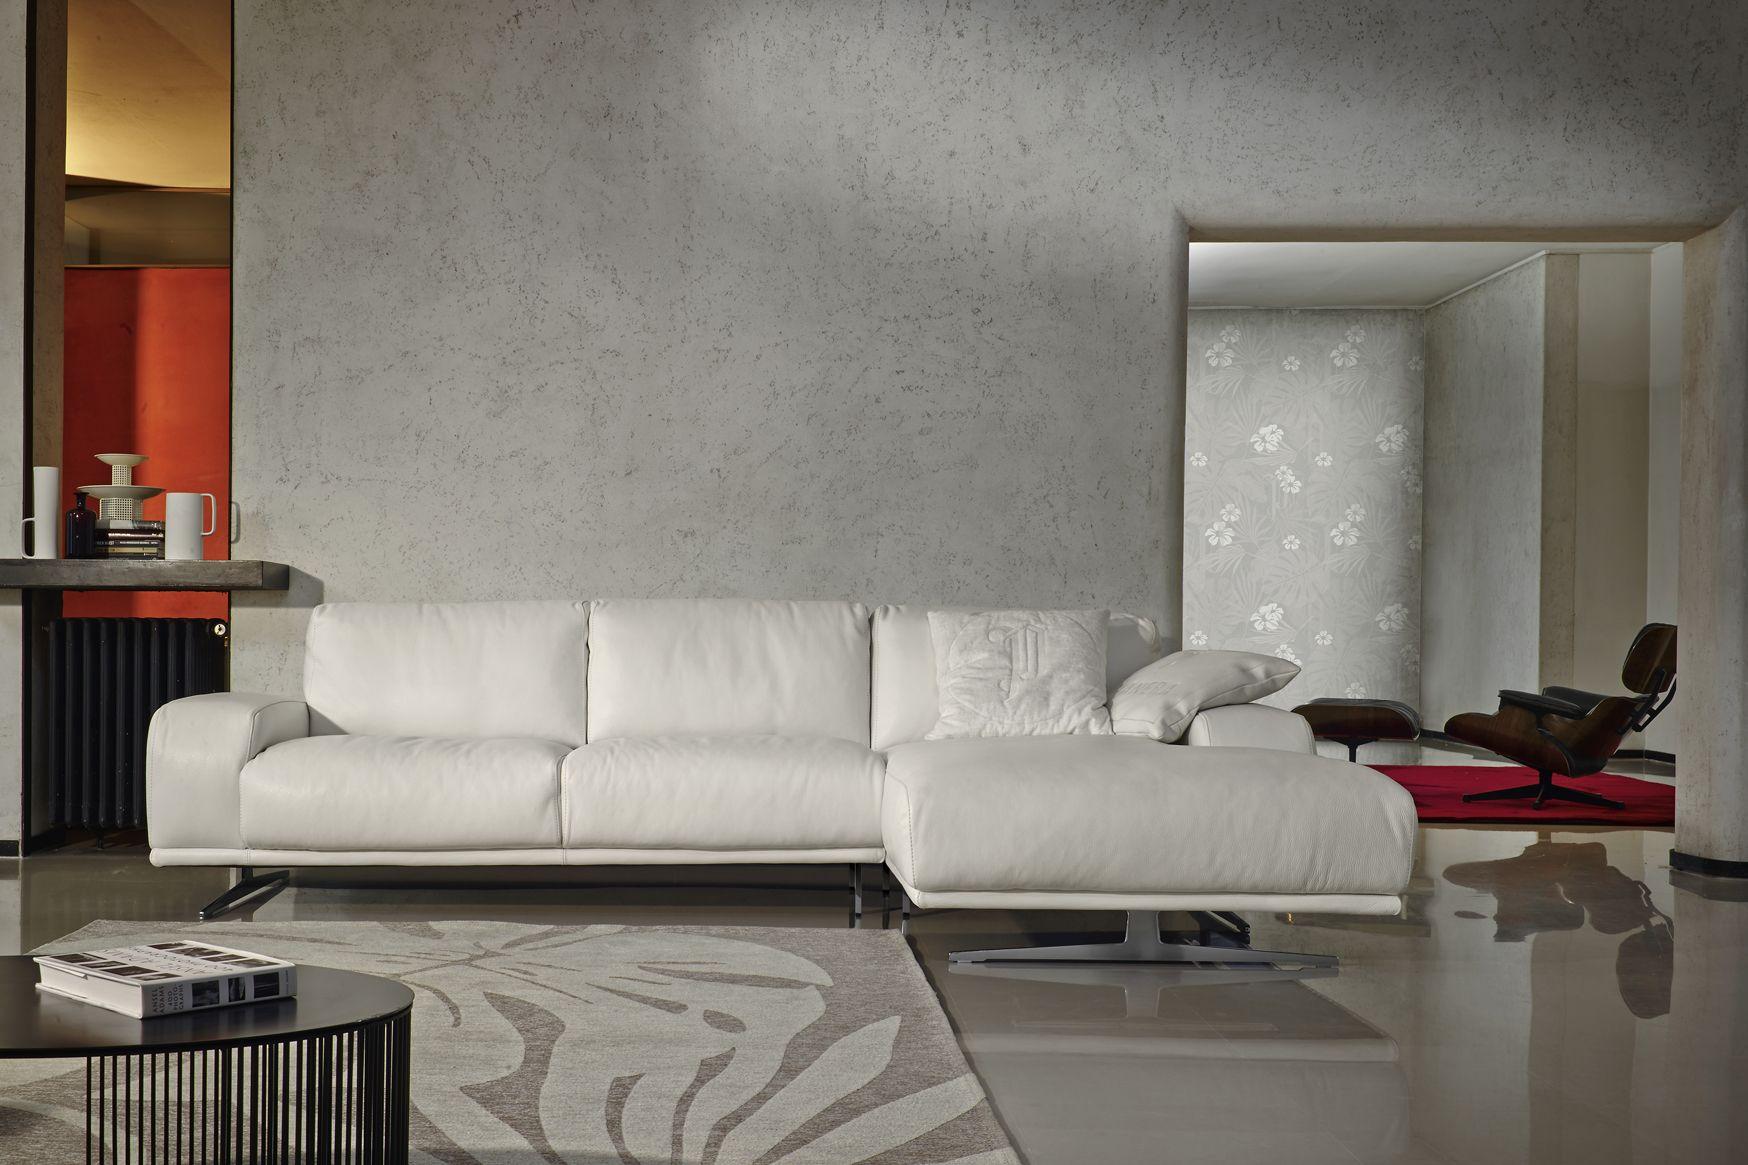 Polaris Designed For Living Srl bernini | prianera - polaris designed for living srl(이미지